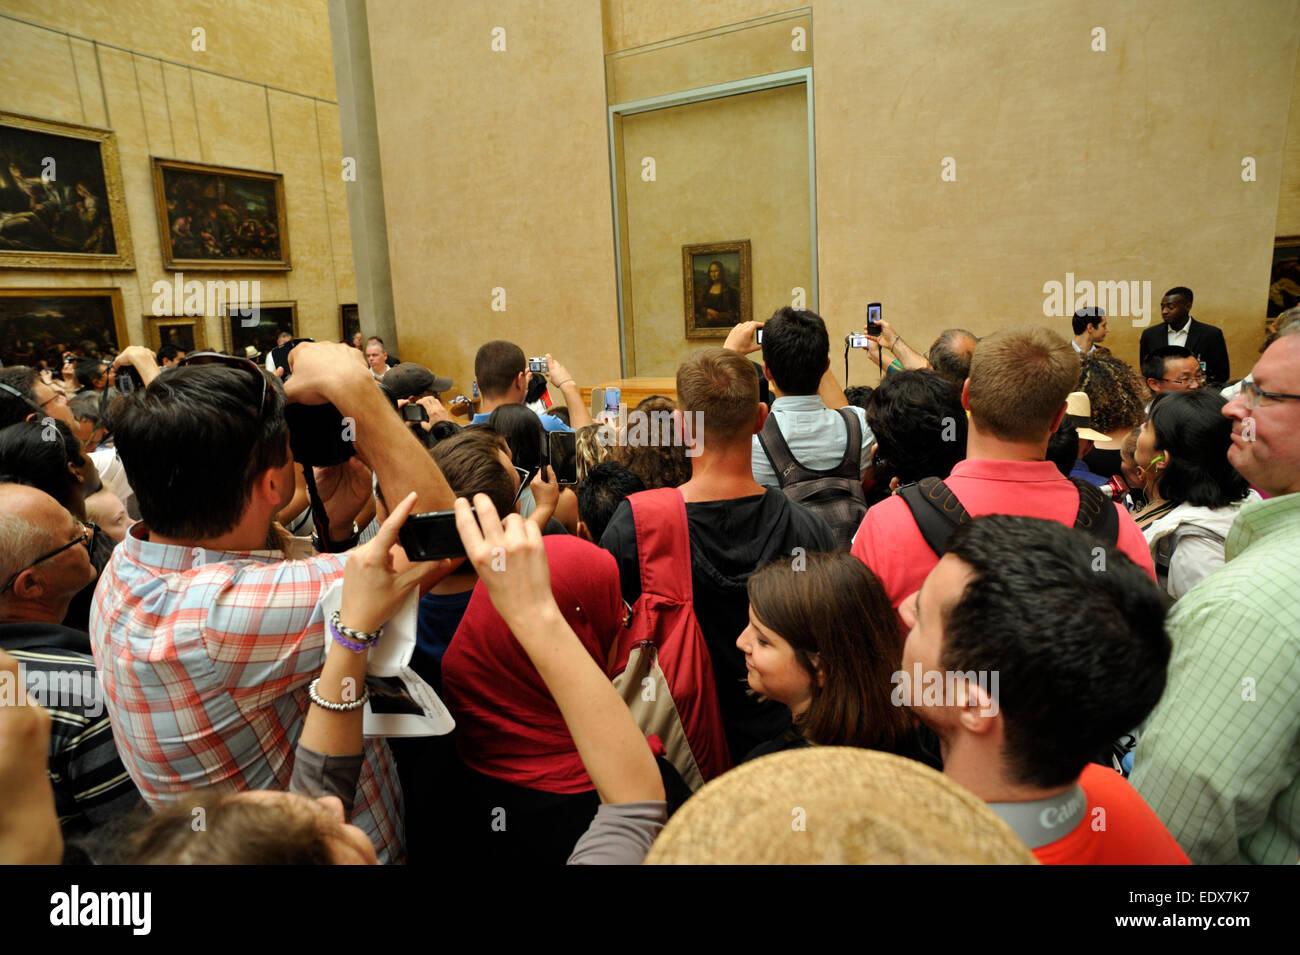 Paris, musée du Louvre, foule de touristes autour de la gioconda Photo Stock